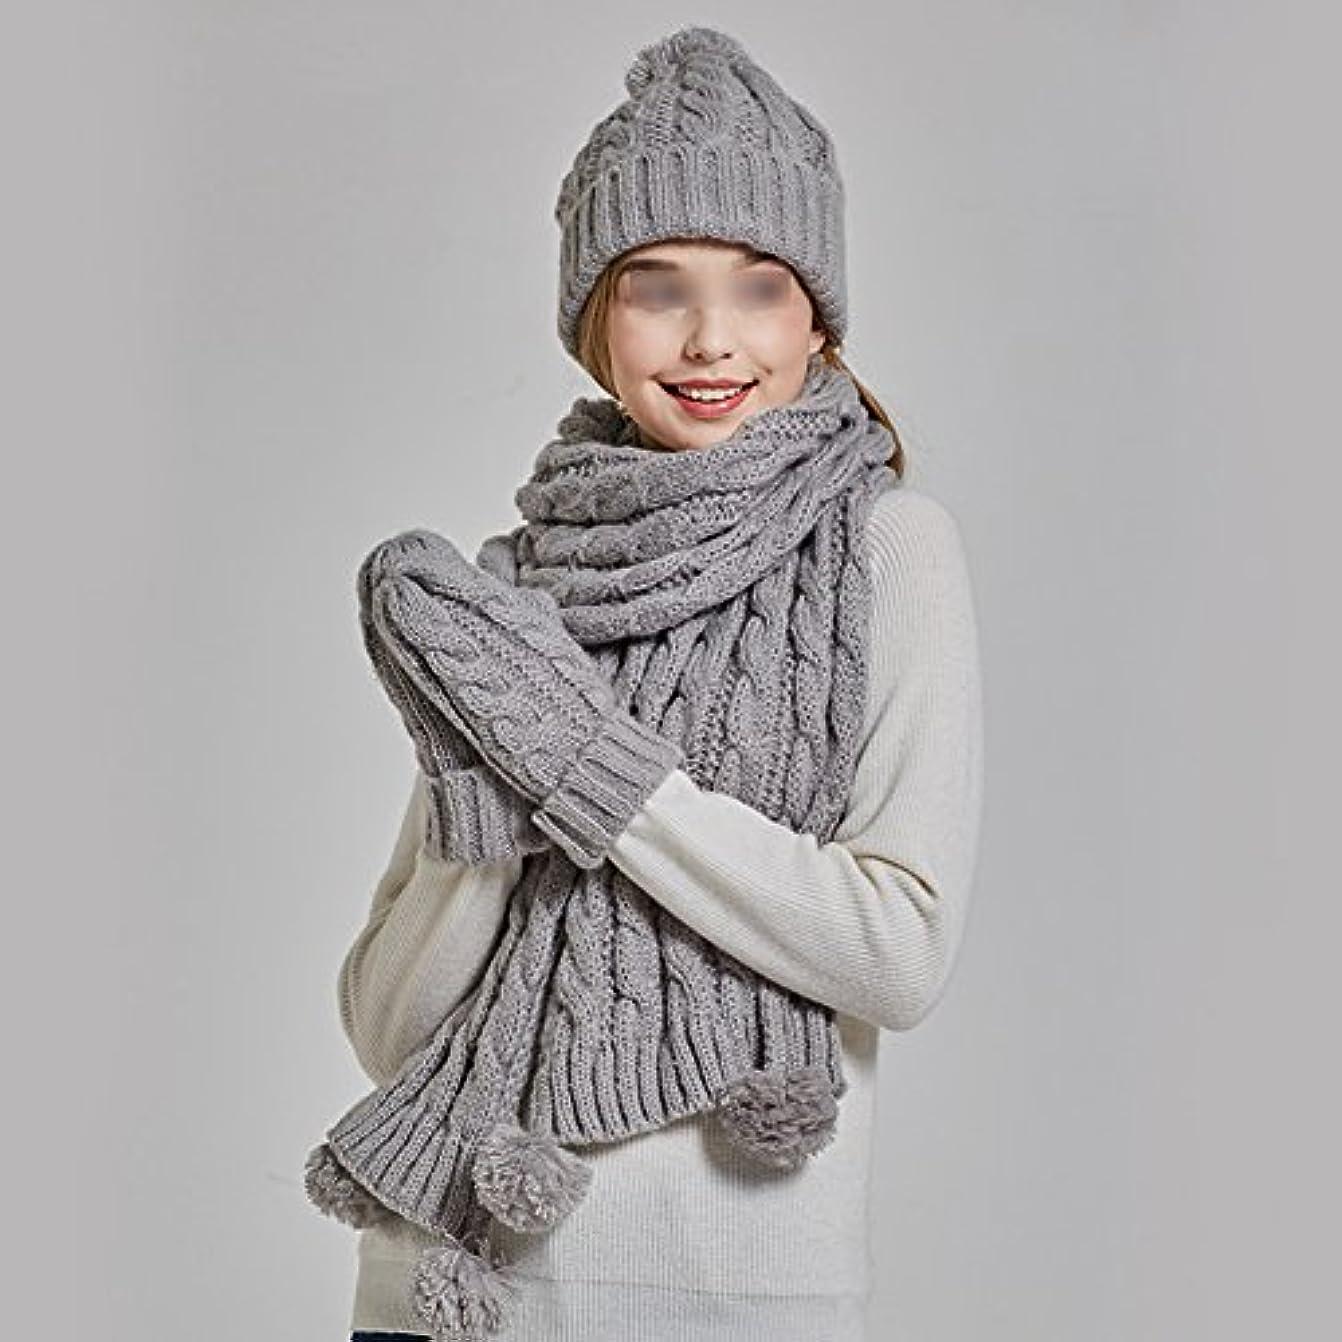 おとなしい従う建設LIANGJUN キャップ 冬の厚いスカーフ手袋キャップ帽子暖かいニット3ピースセットスケート屋外スポーツツーリズム、4色使用可能 LIANGJUN スカーフ (色 : Gray)